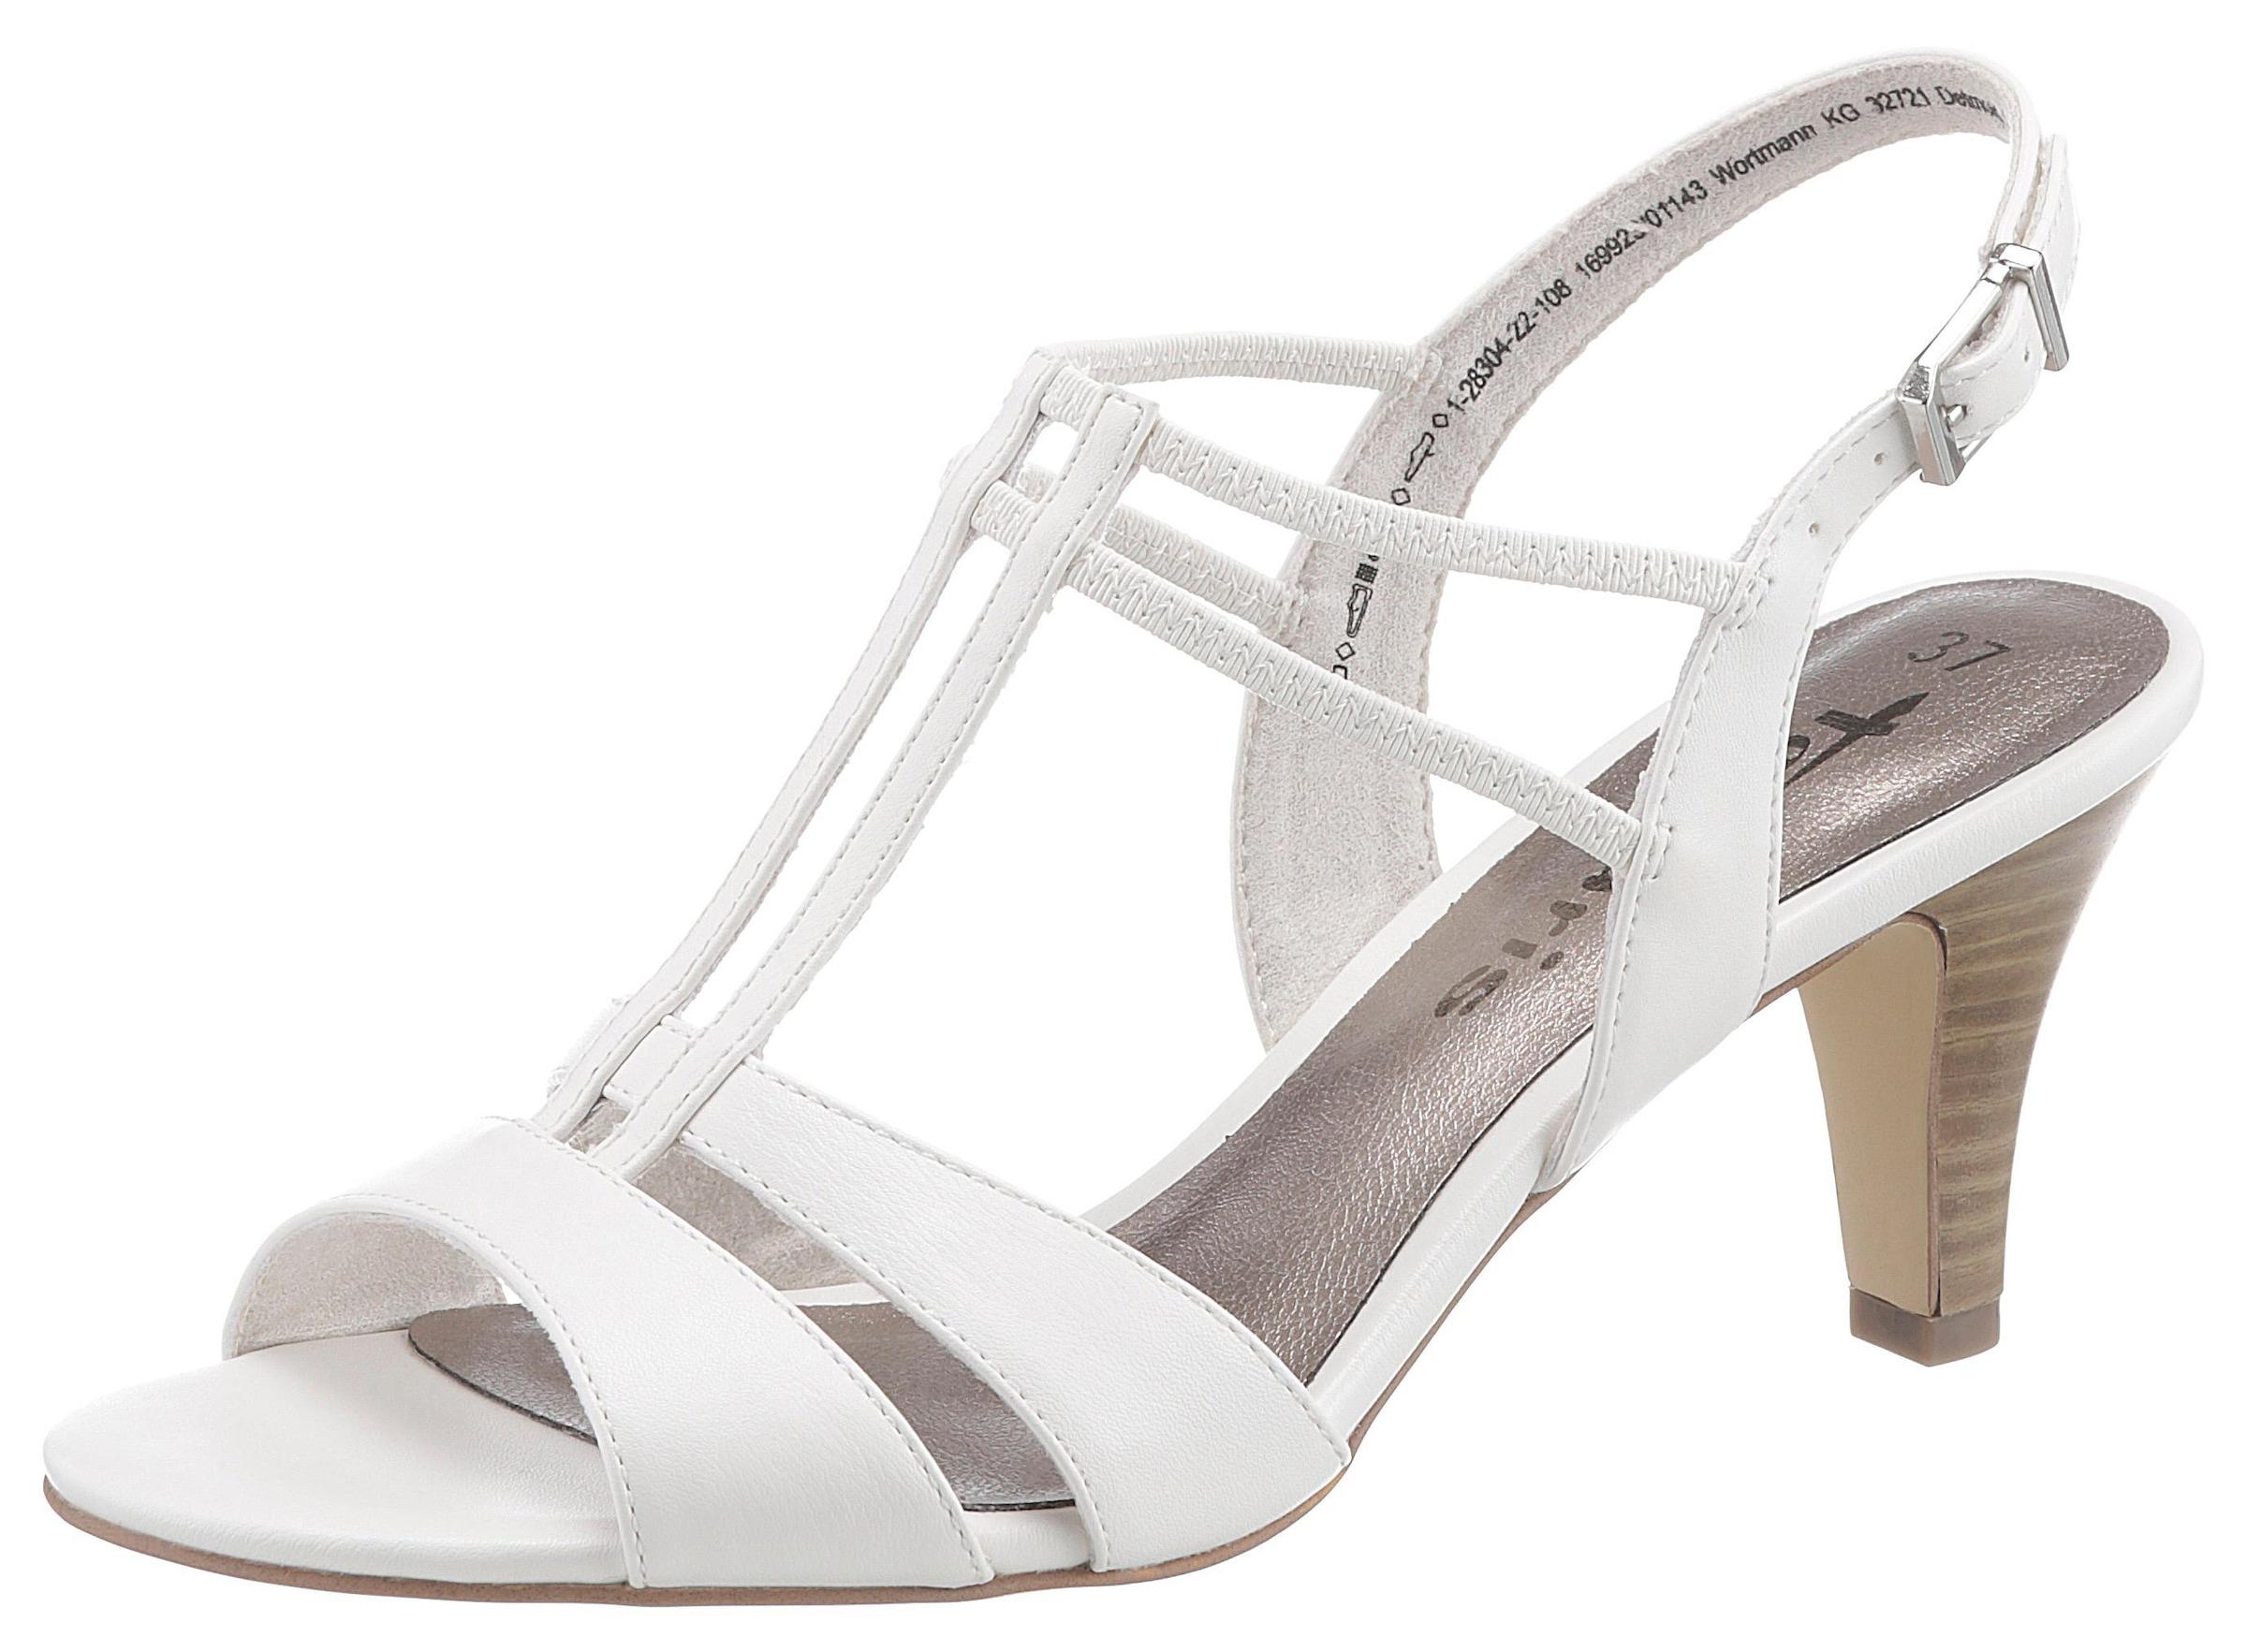 Tamaris Sandalette mit verstellbarer Schnalle online kaufen | BAUR